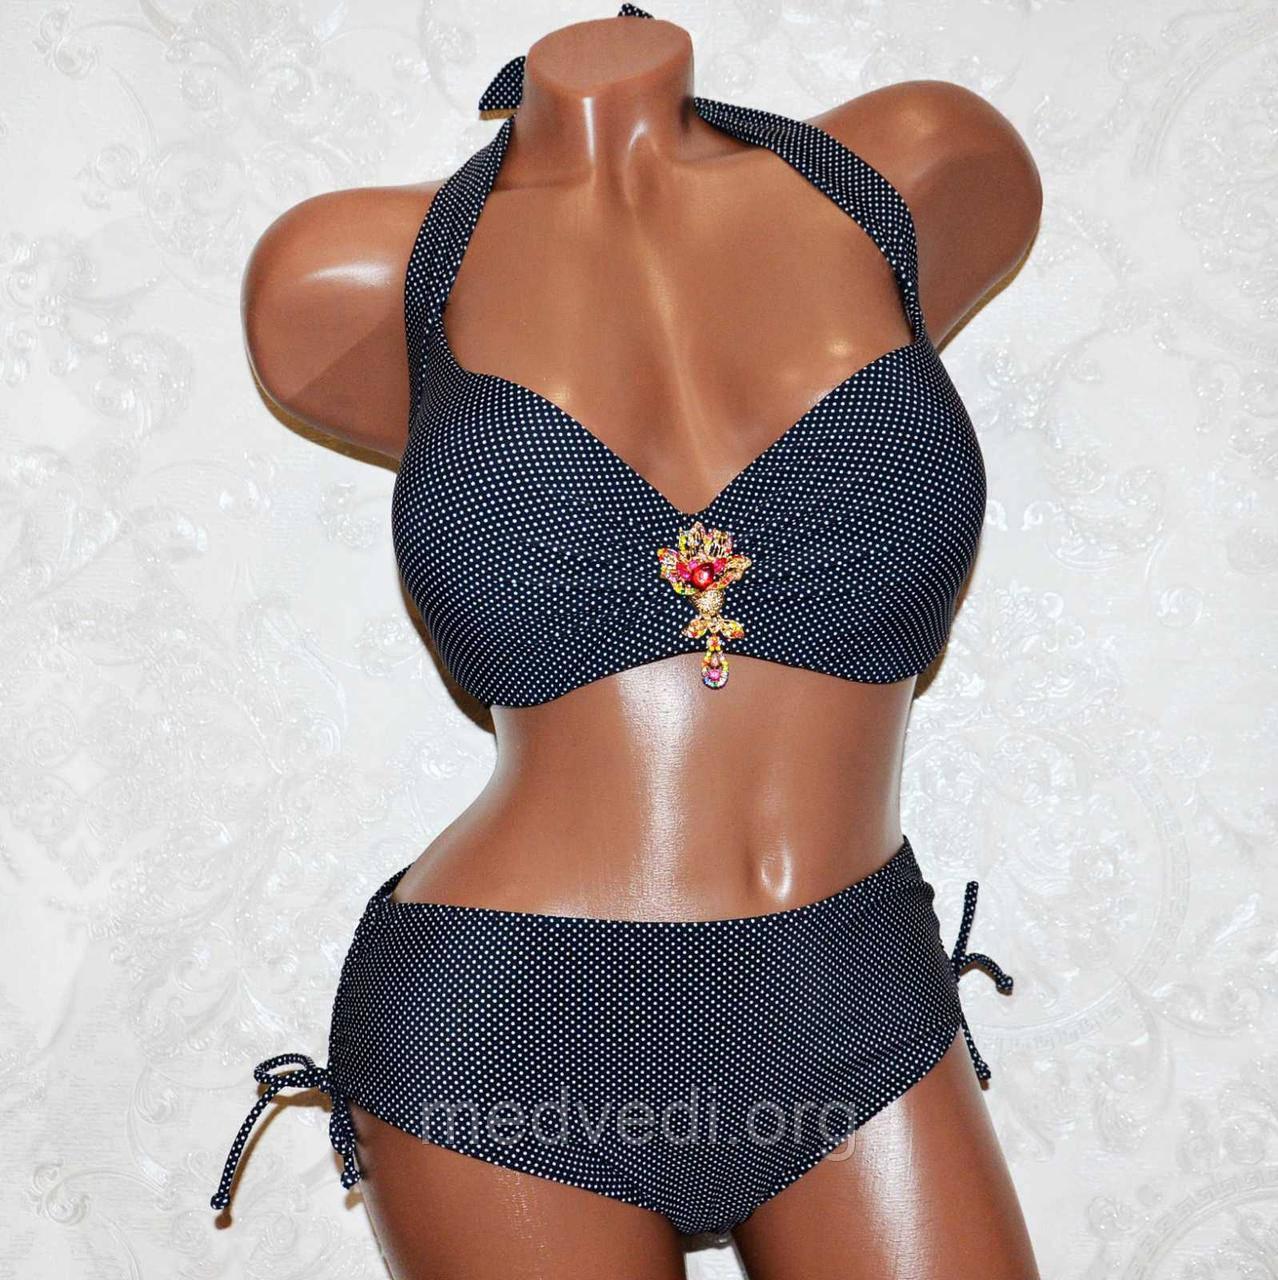 Для пышной груди классический черный купальник (большой размер 54) раздельный, для женщин, лиф с чашкой